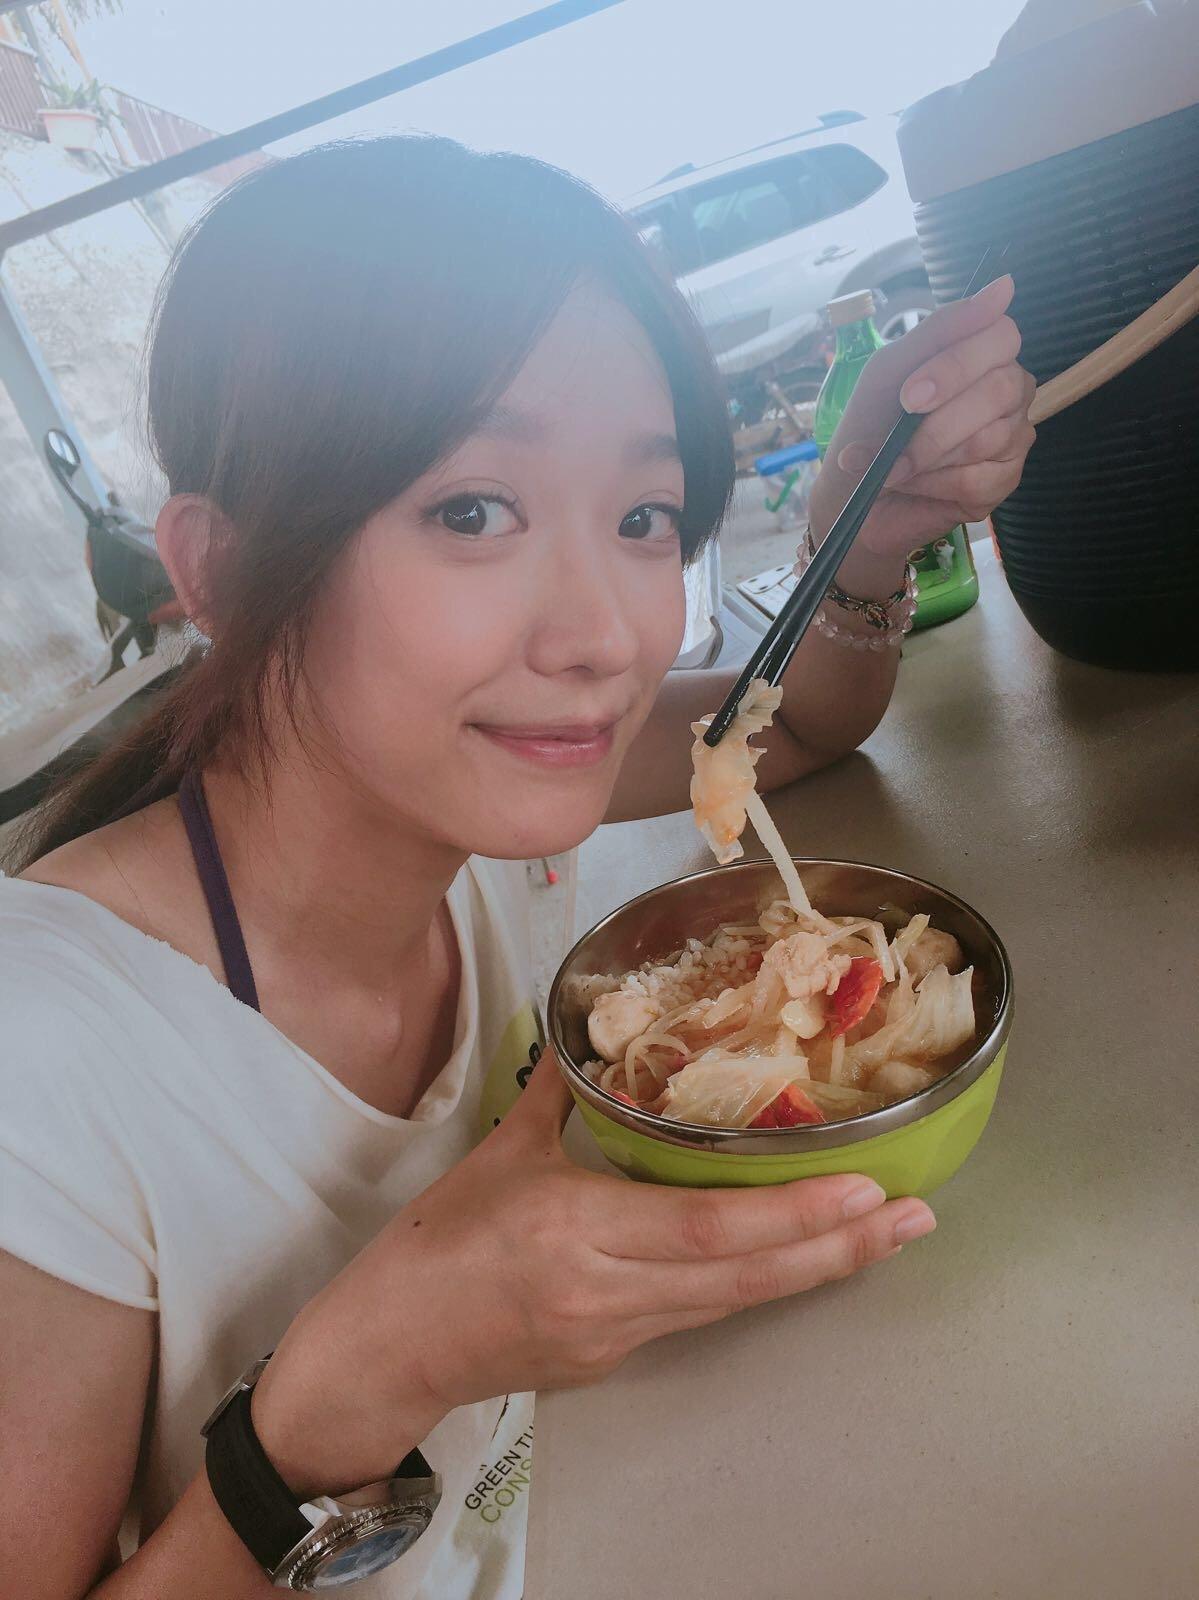 在拍攝《我的龜蜜女友》期間,劇組為減少垃圾量,要求工作人員必須自備環保碗筷,以自助打餐方式取代以往的便當。© Ken-Ju Meng